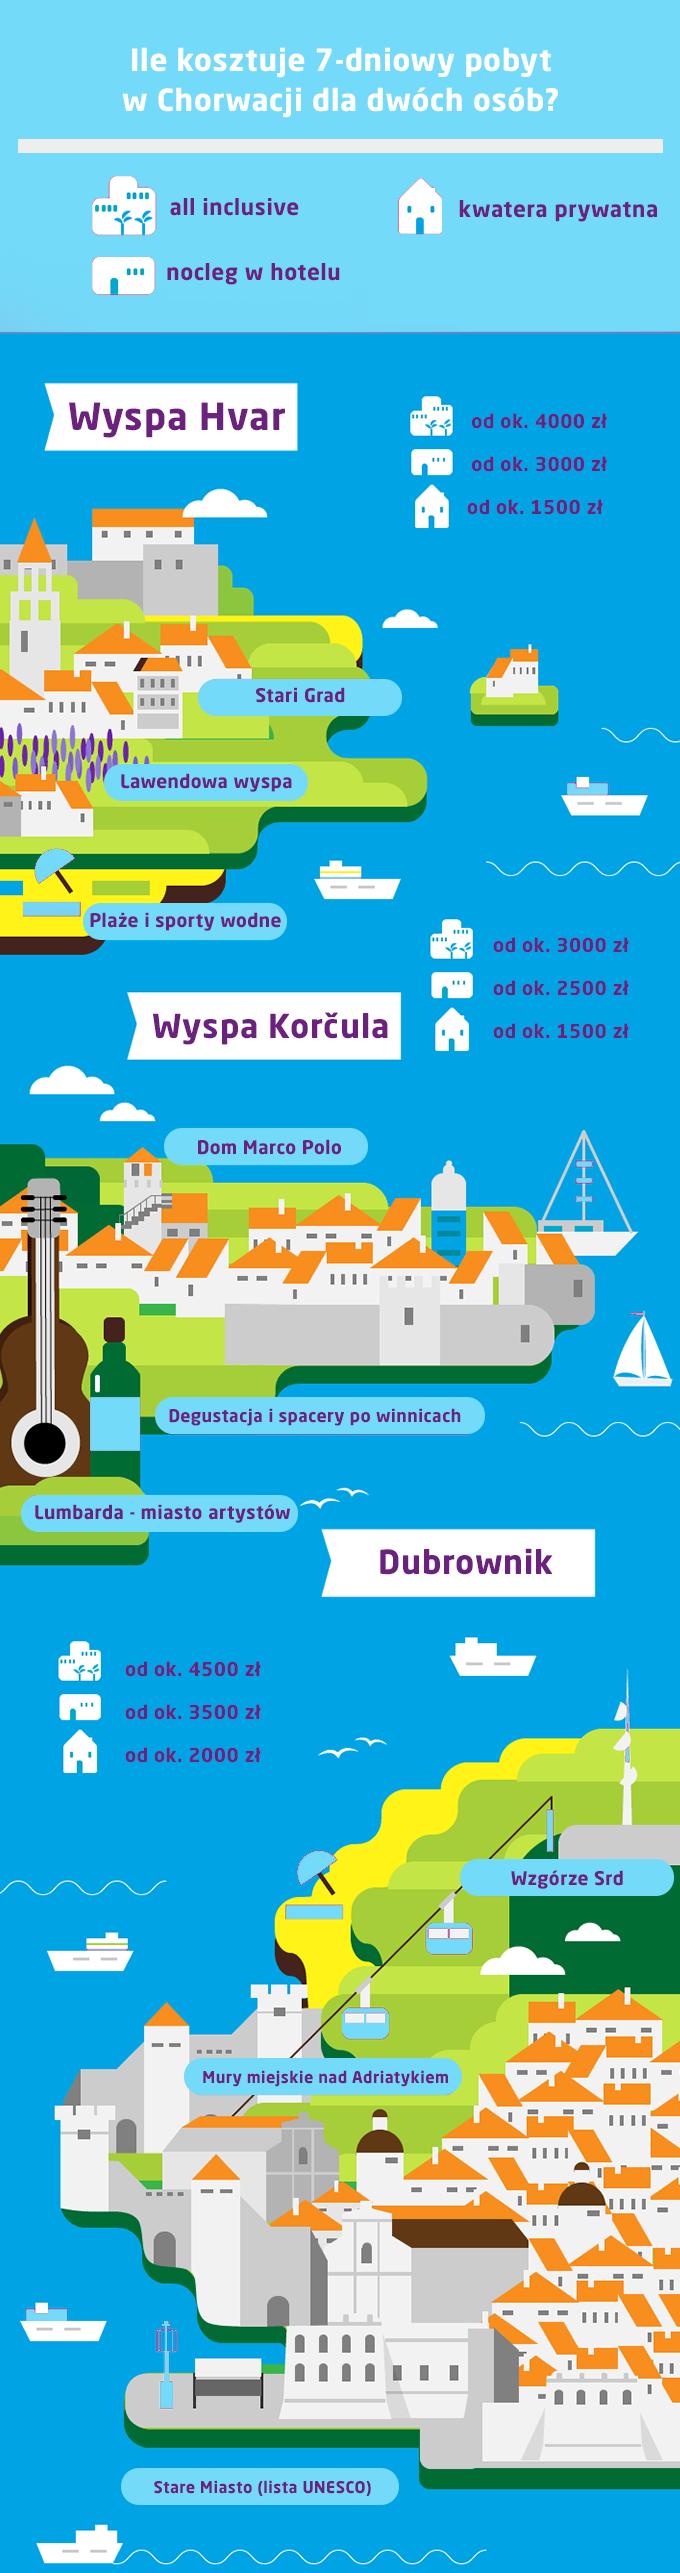 Ceny w Chorwacji - ile kosztują wakacje w Chorwacji